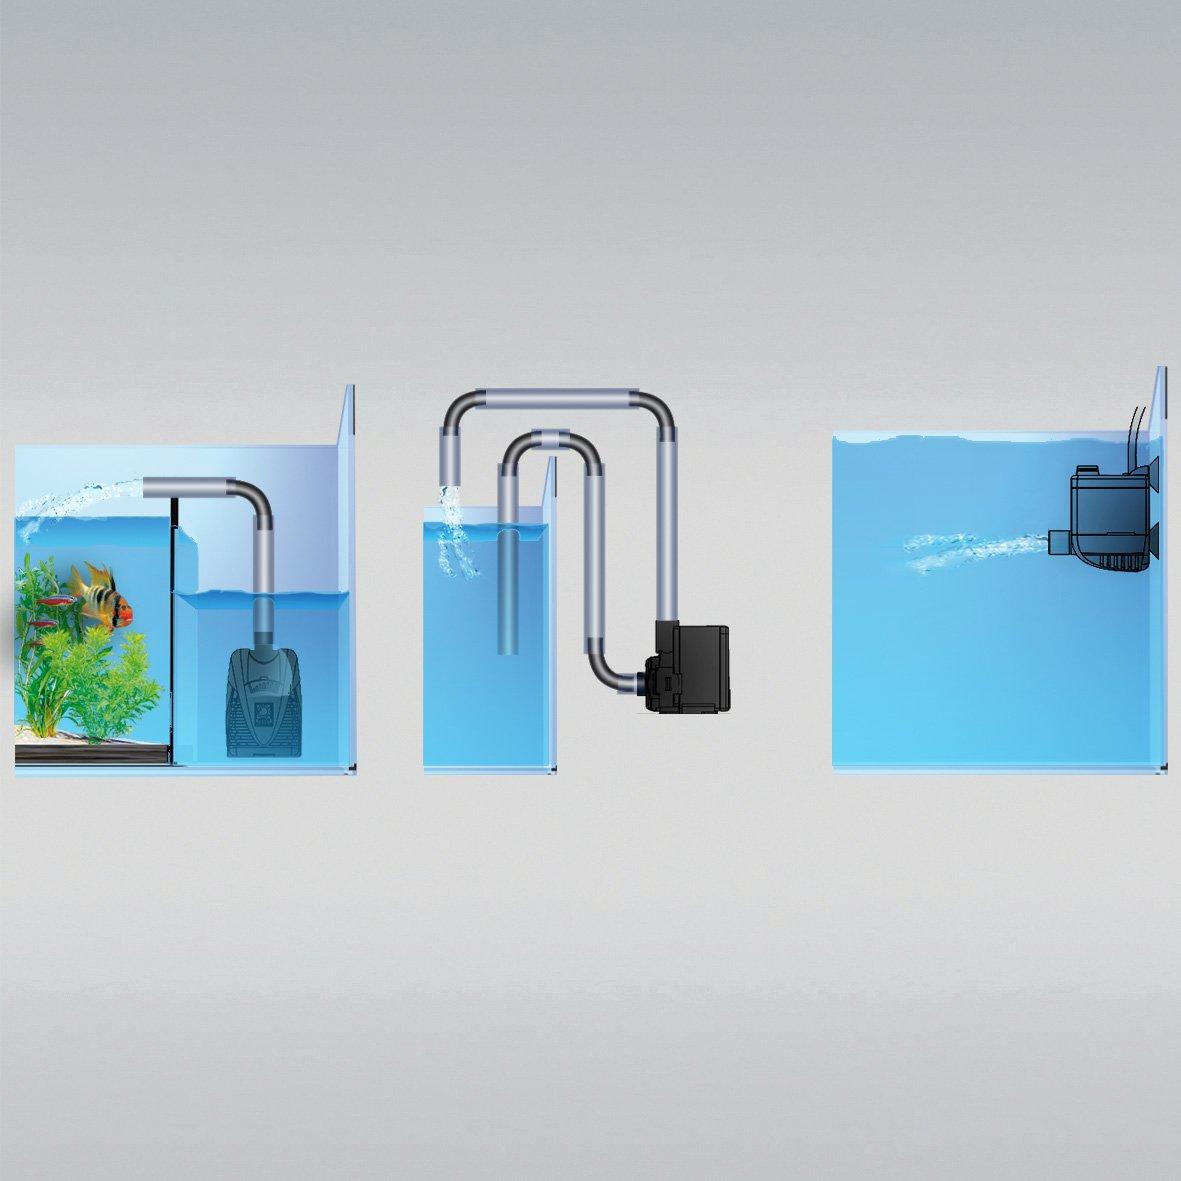 JBL pump for circulating water in aquariums and aquaterraries ...